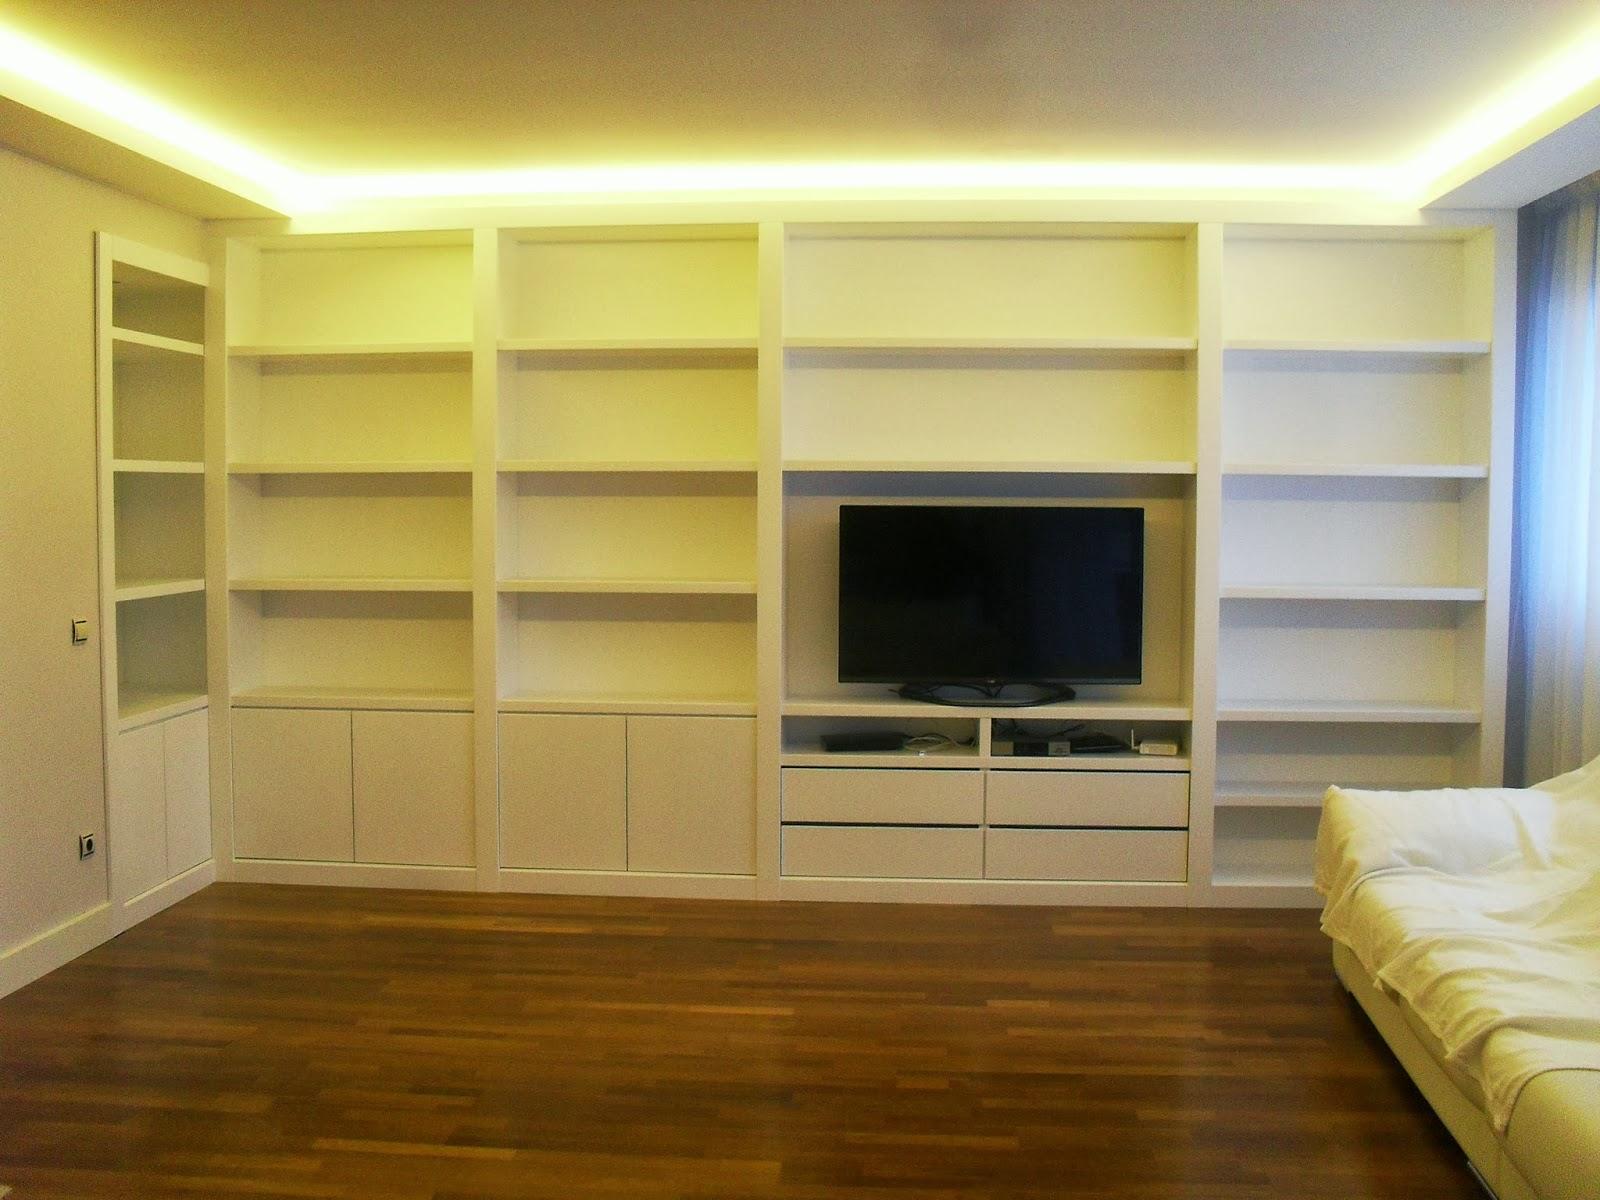 Librerias a medida madrid muebles librerias lacadas de calidad librerias a medida en madrid - Librerias salon blancas ...